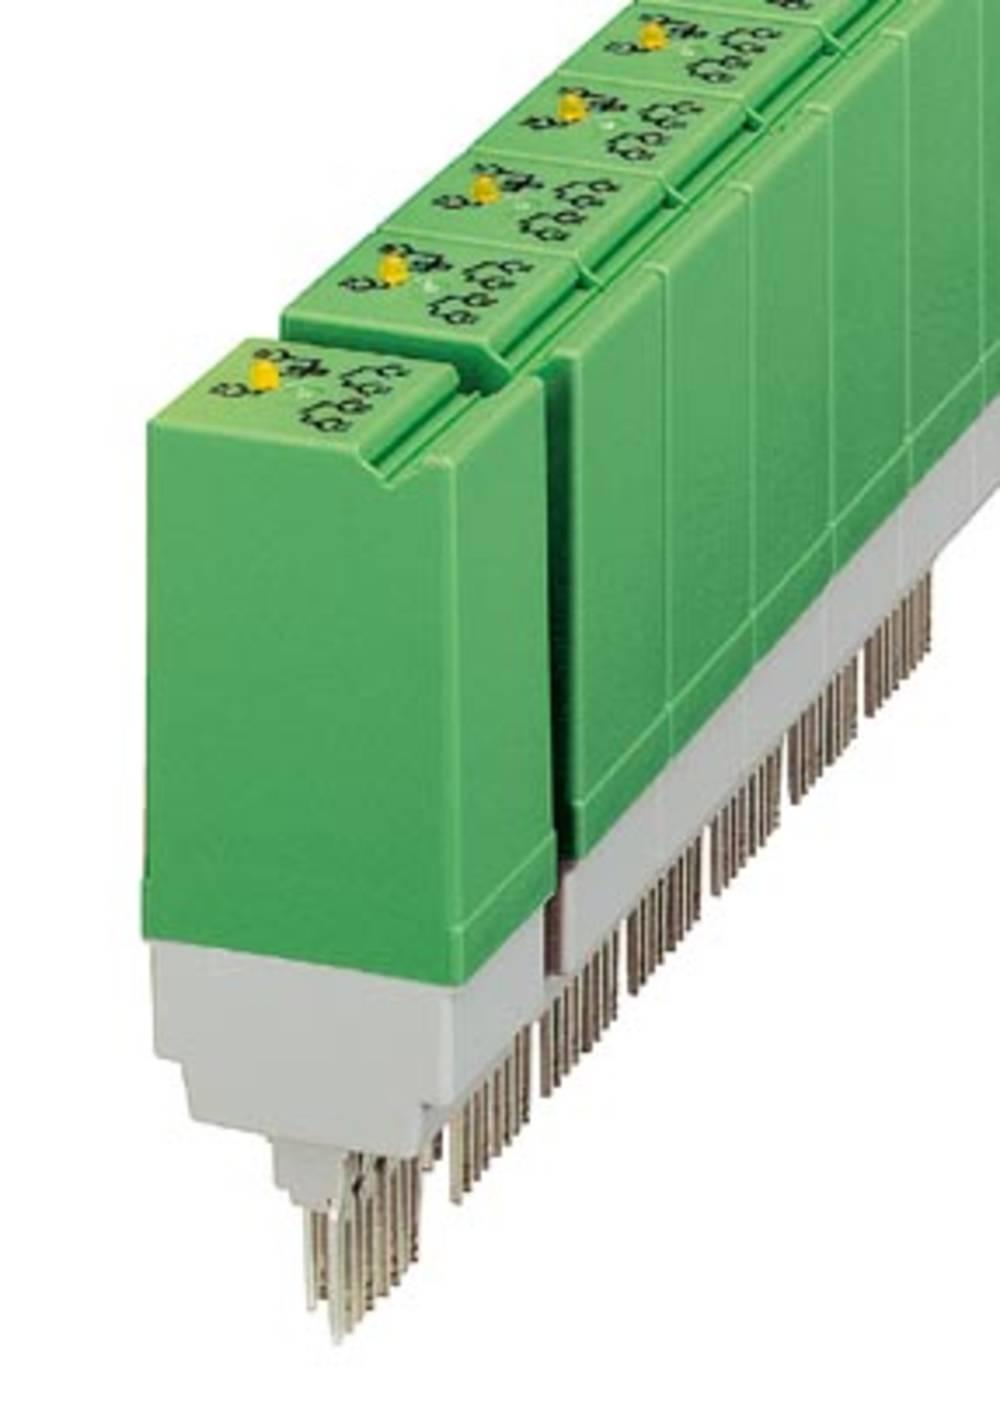 Stikrelæ 230 V/DC, 230 V/AC 5 A 2 x sluttekontakt Phoenix Contact ST-REL4-KG230/ 1- 1 10 stk